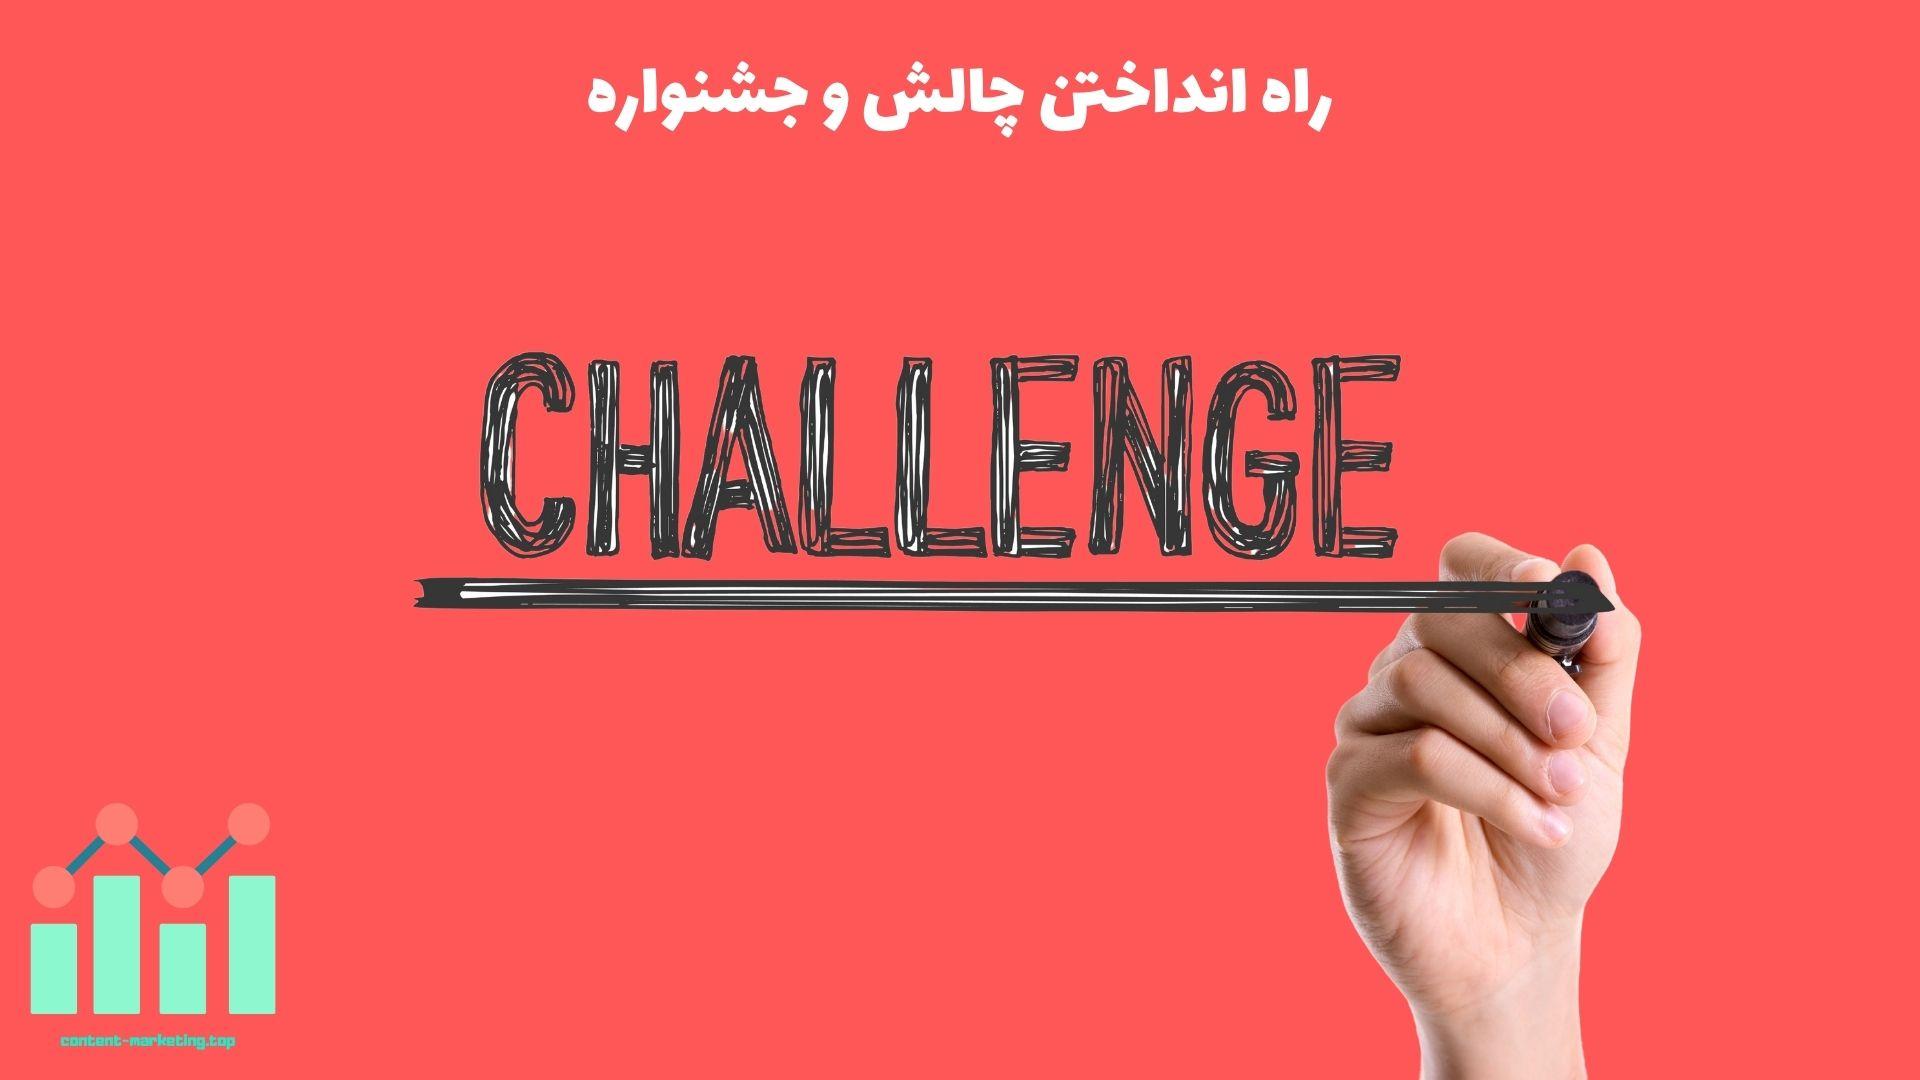 راه انداختن چالش و جشنواره